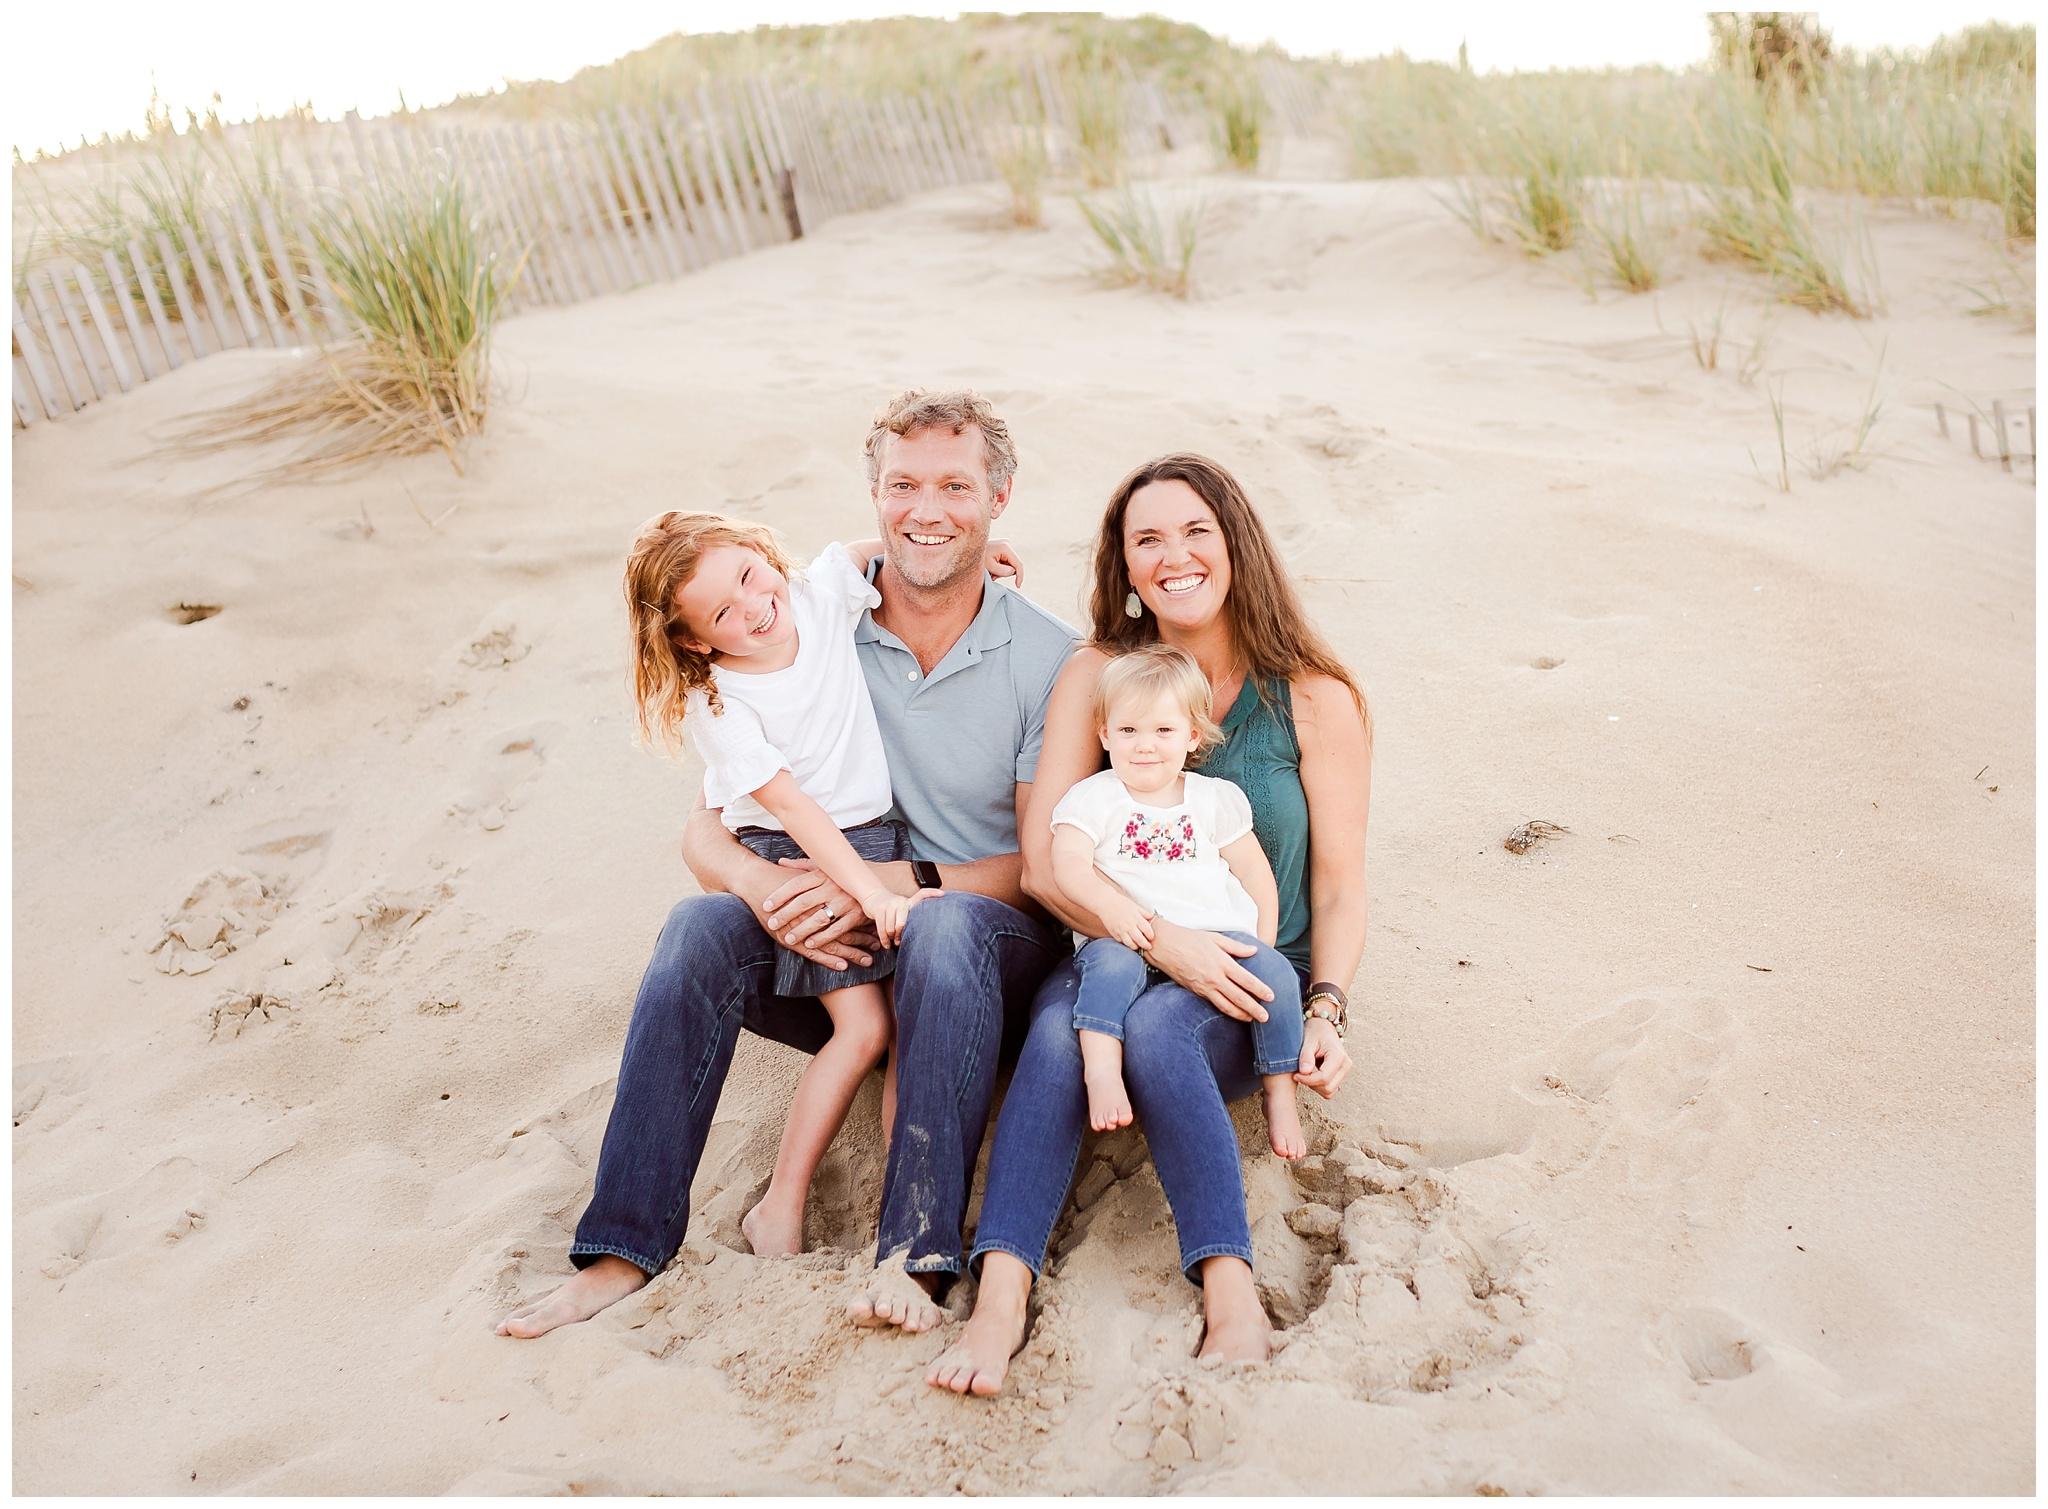 Virginia-Beach-family-photographer_0043.jpg